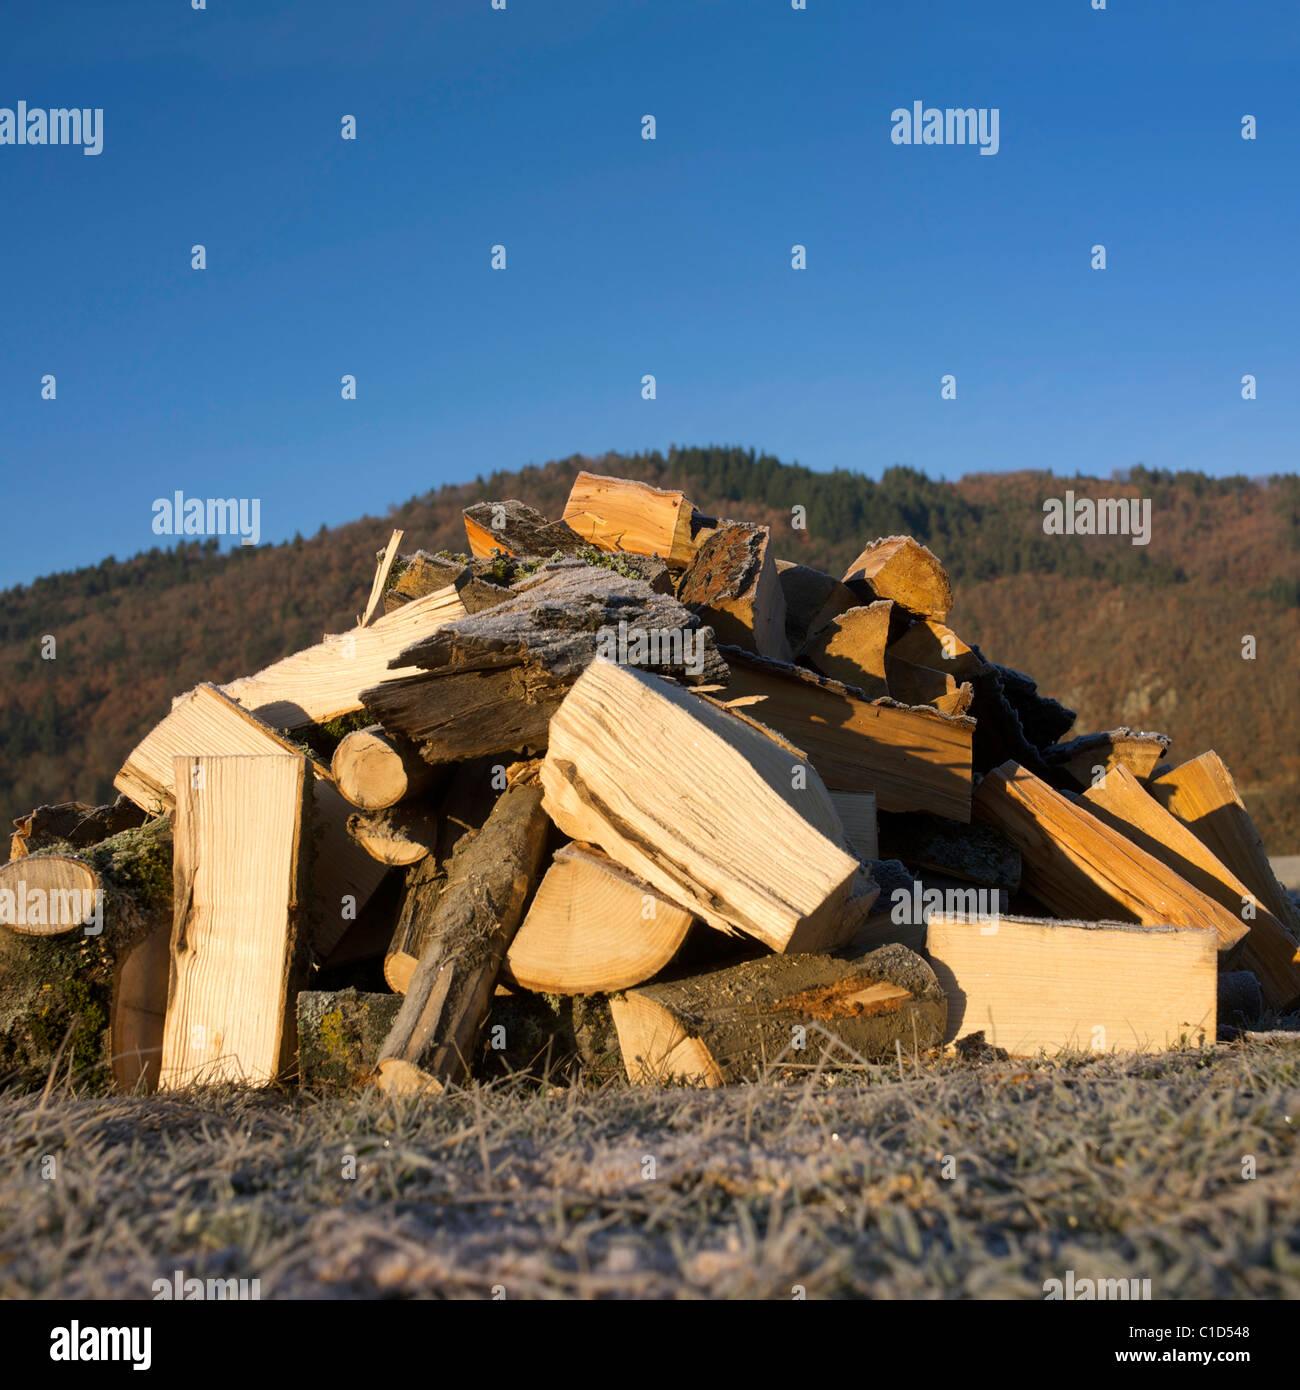 Stapel von Stückholz außerhalb Stockbild